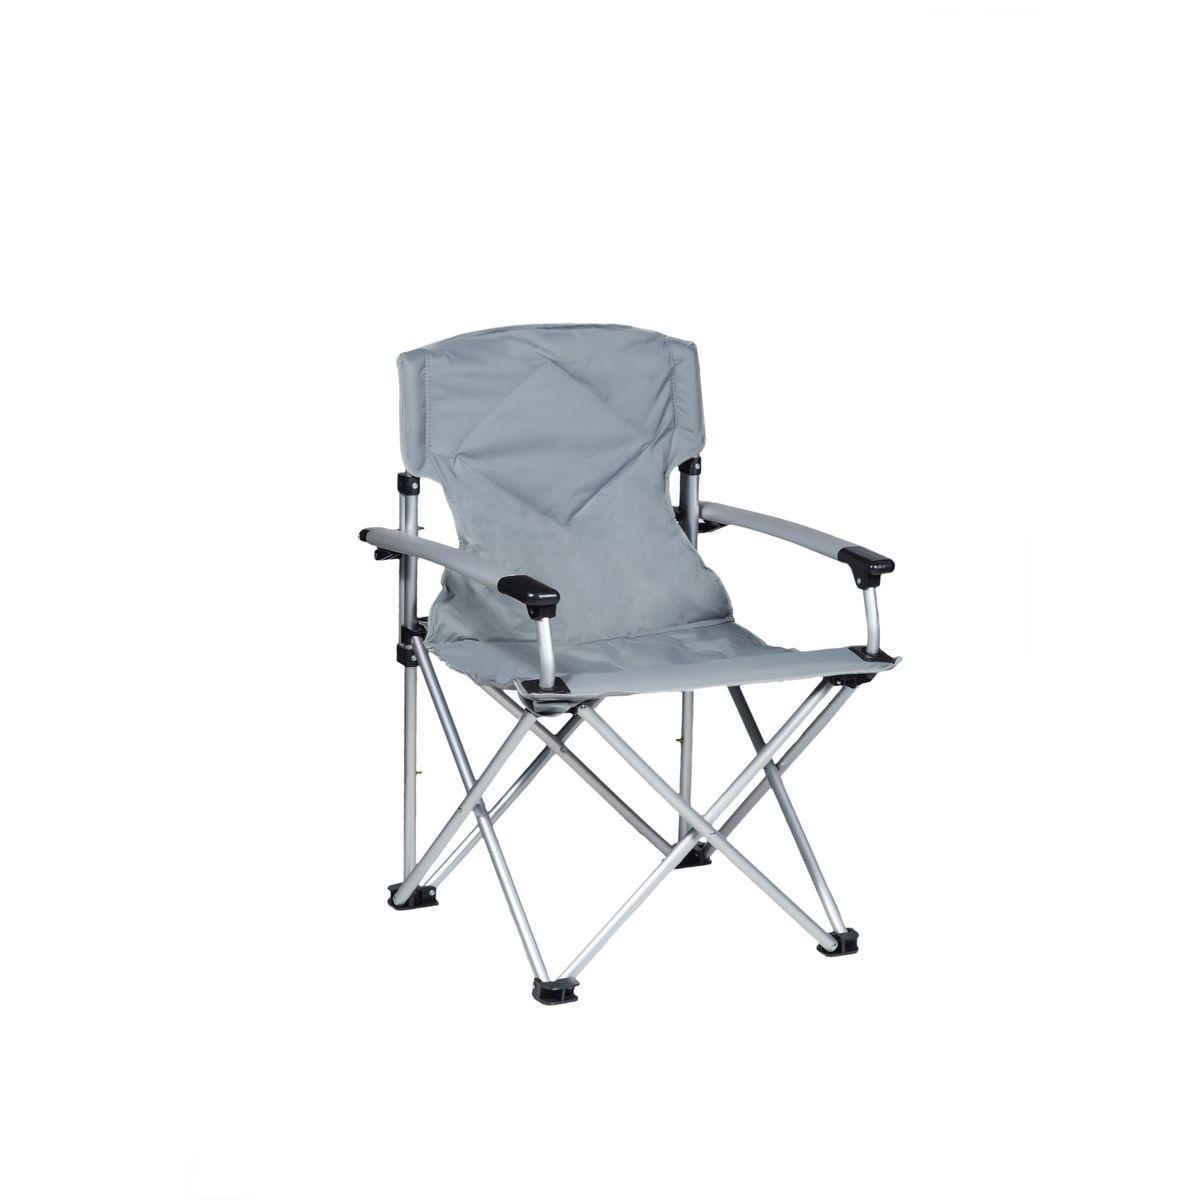 Кресло складное Green Glade M2306, 65 см х 66 см х 95 см71081Складное кресло Green Glade M2306 предназначено для создания комфортных условий в туристических походах, рыбалке и кемпинге. Особенности: Компактная складная конструкция. Прочный стальной каркас 25/21,5 мм. Прочный полиэстер + ПВХ с набивкой из пеноматериала. Пластиковые подлокотники. Чехол для переноски и хранения.